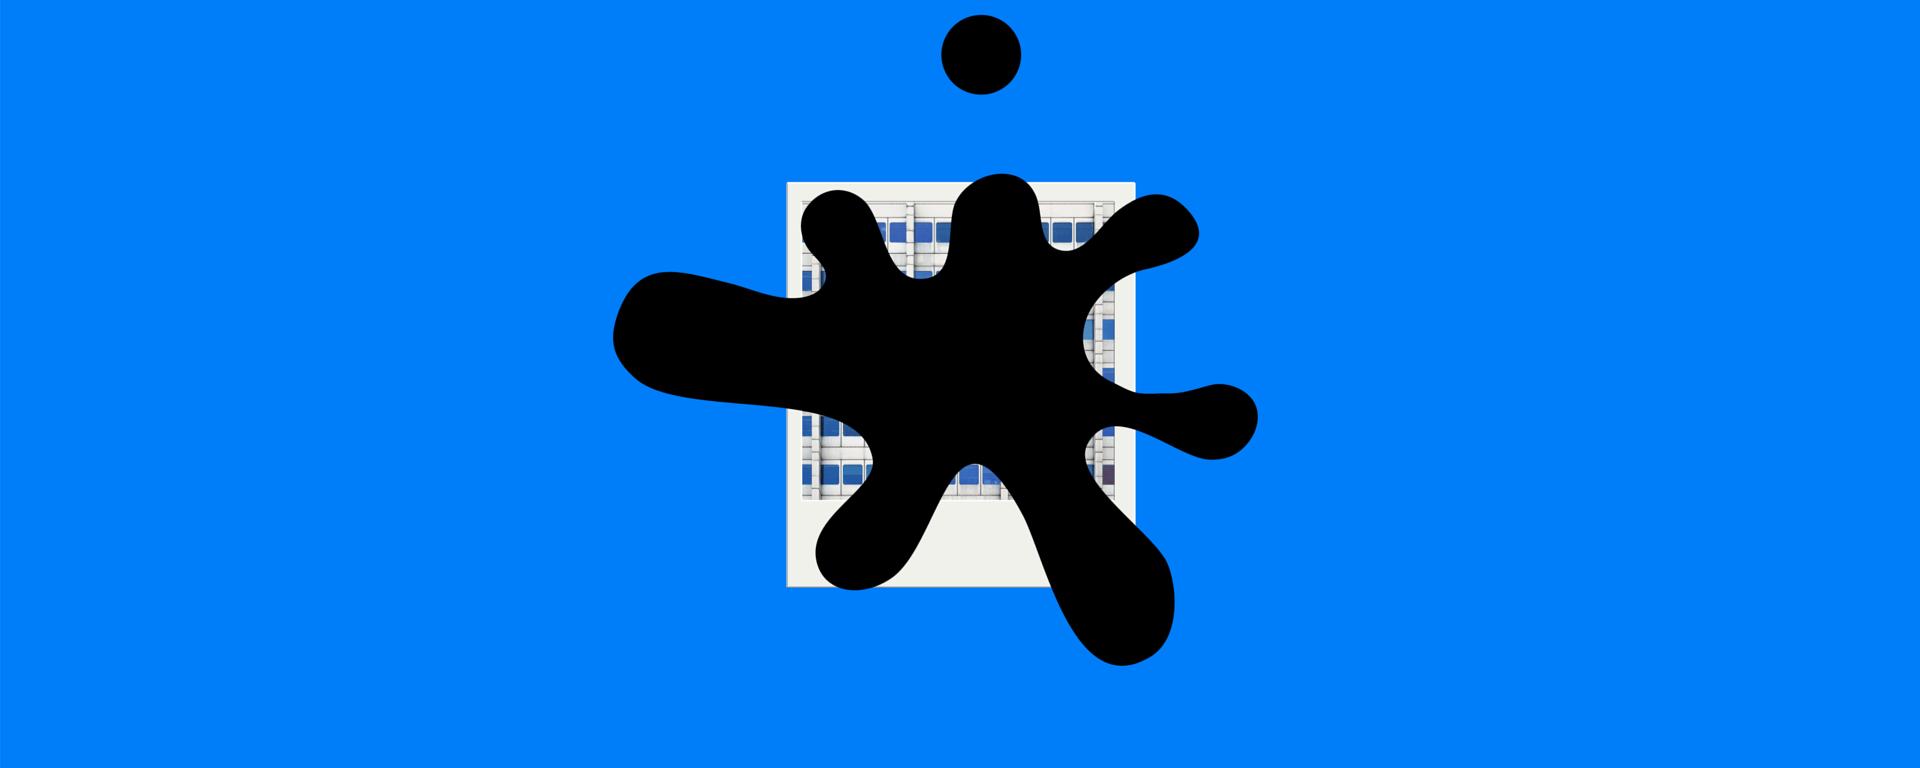 Polaroid su sfondo blu